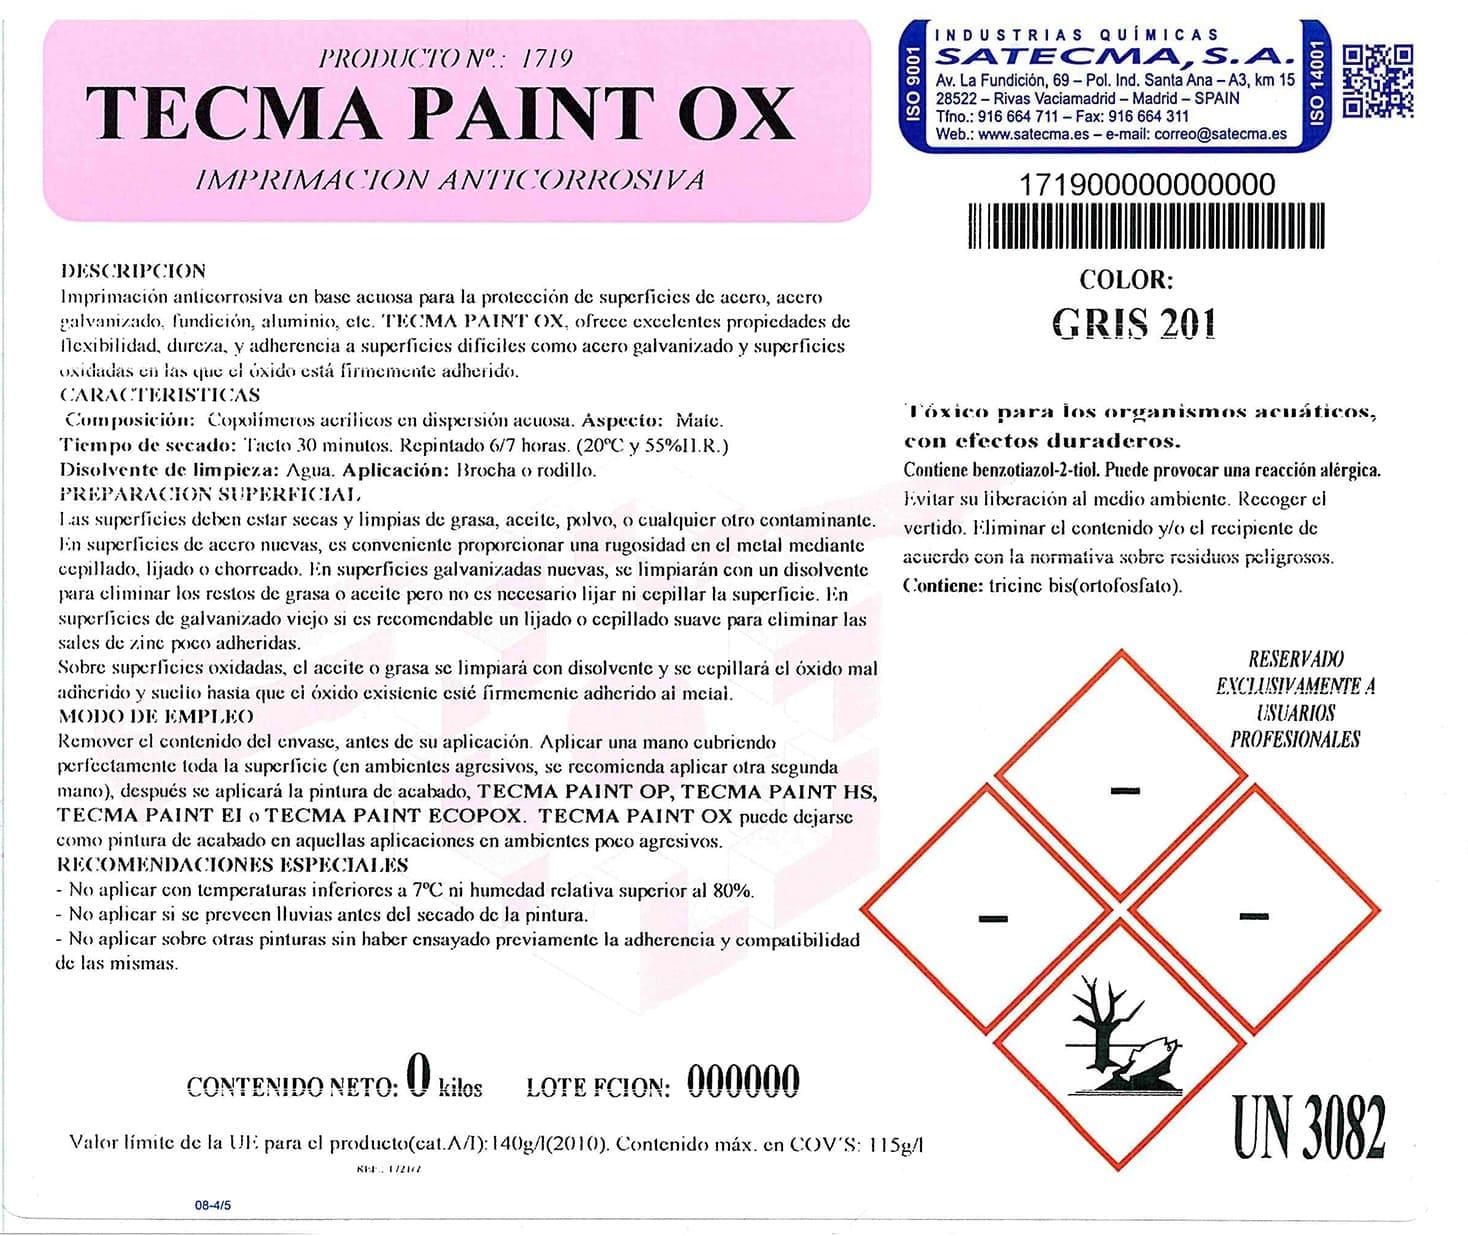 imprimación anticorrosiva etiqueta